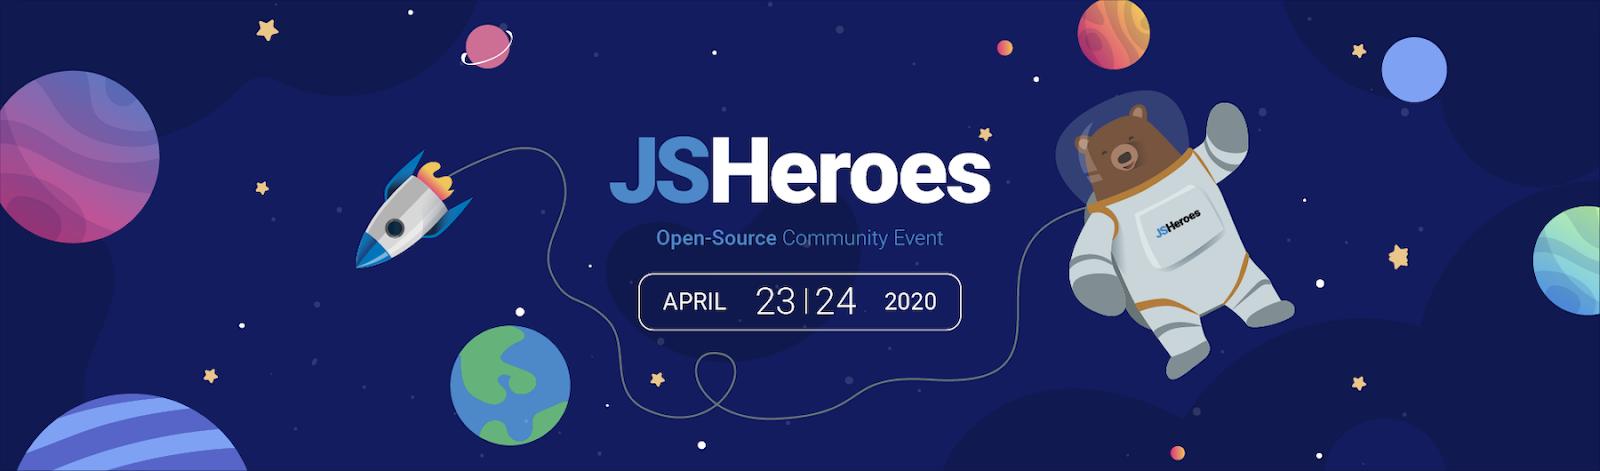 JSHeroes 2020 banner